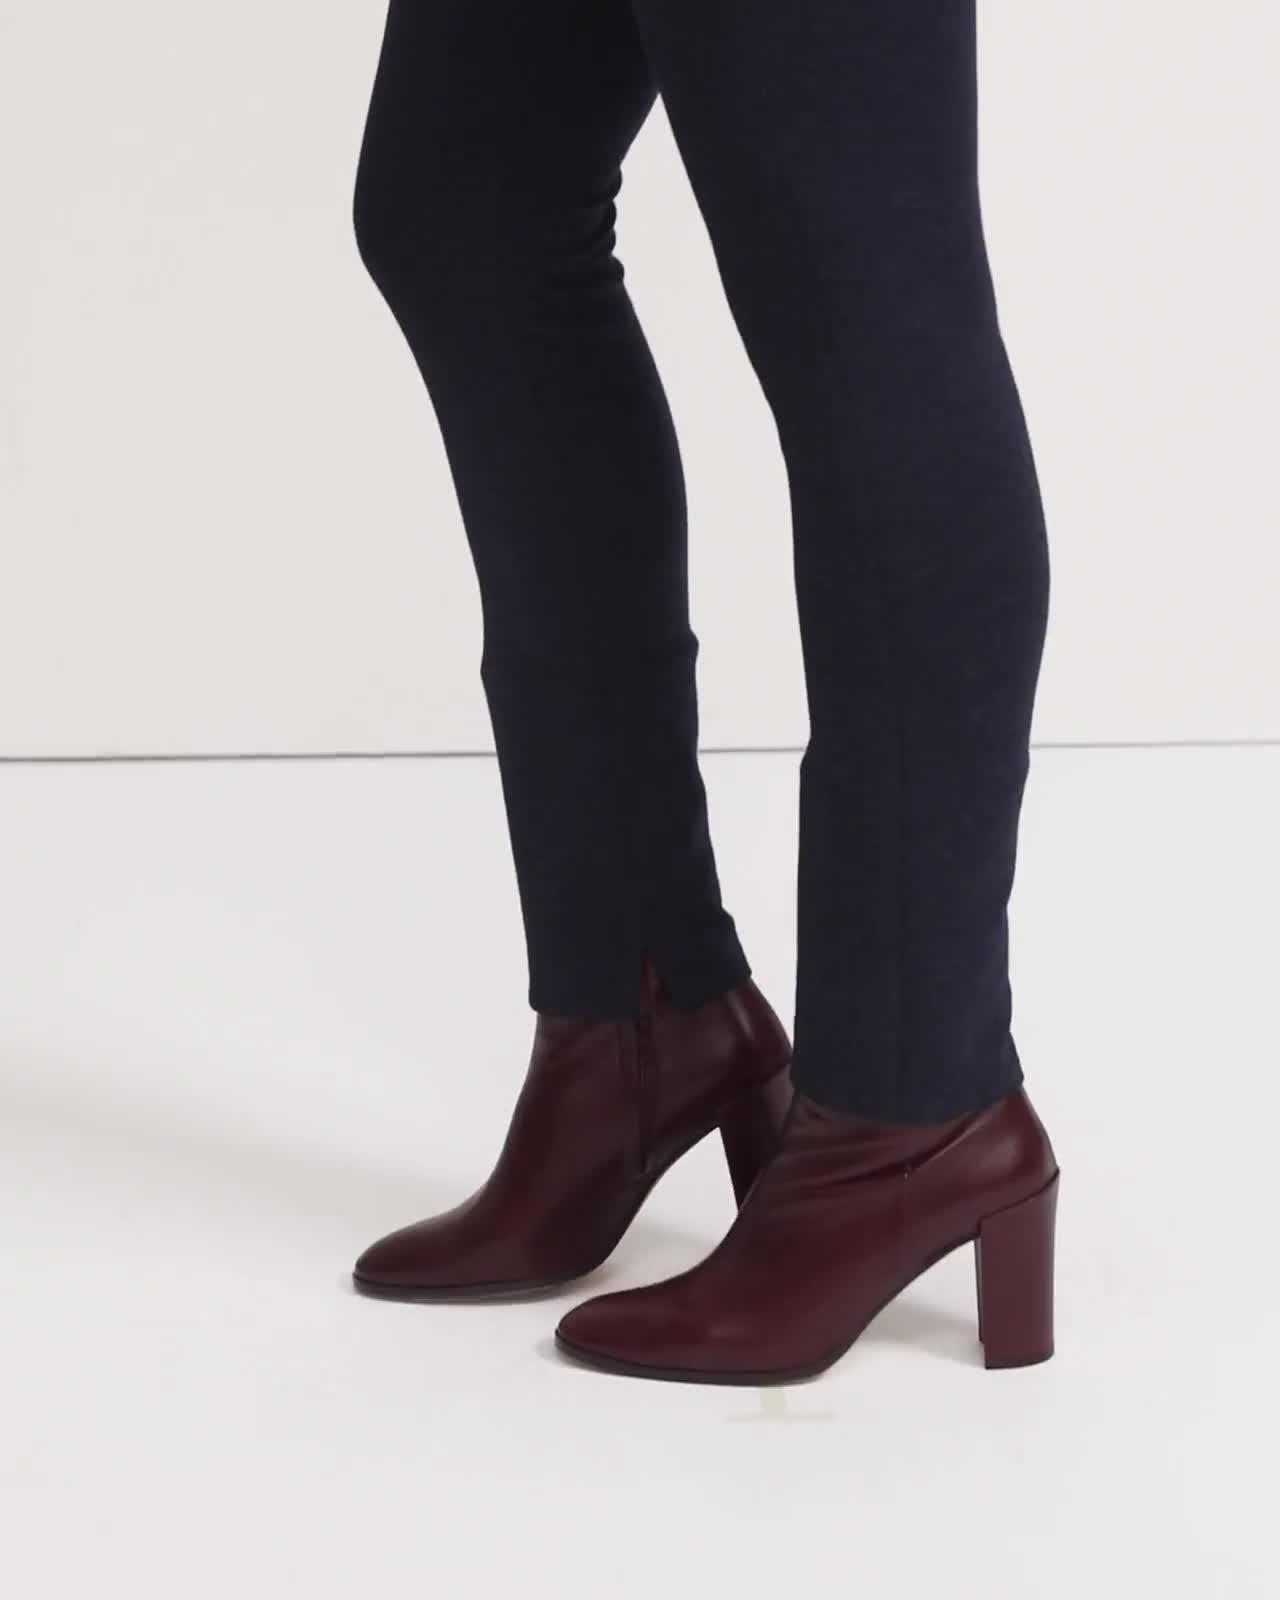 Skinny Legging in Double Knit Jersey